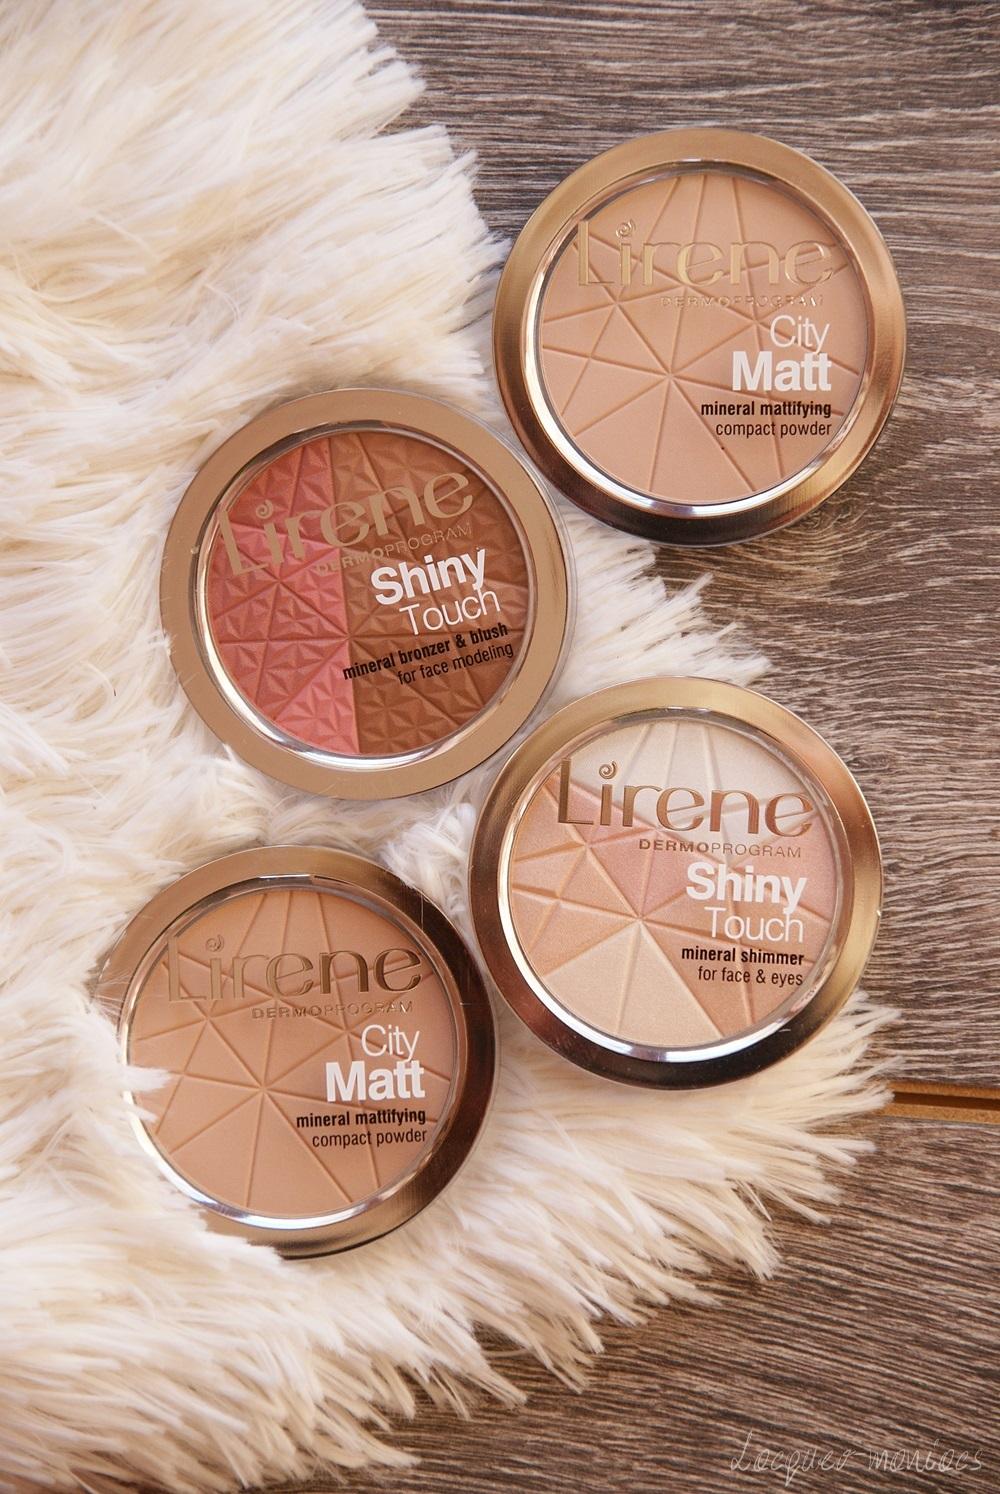 Nowości pudrowe Lirene: City Matt mineralne pudry matujące w odcieniach 02 i 03 oraz rozświetlacz i różo-bronzer Shiny Touch